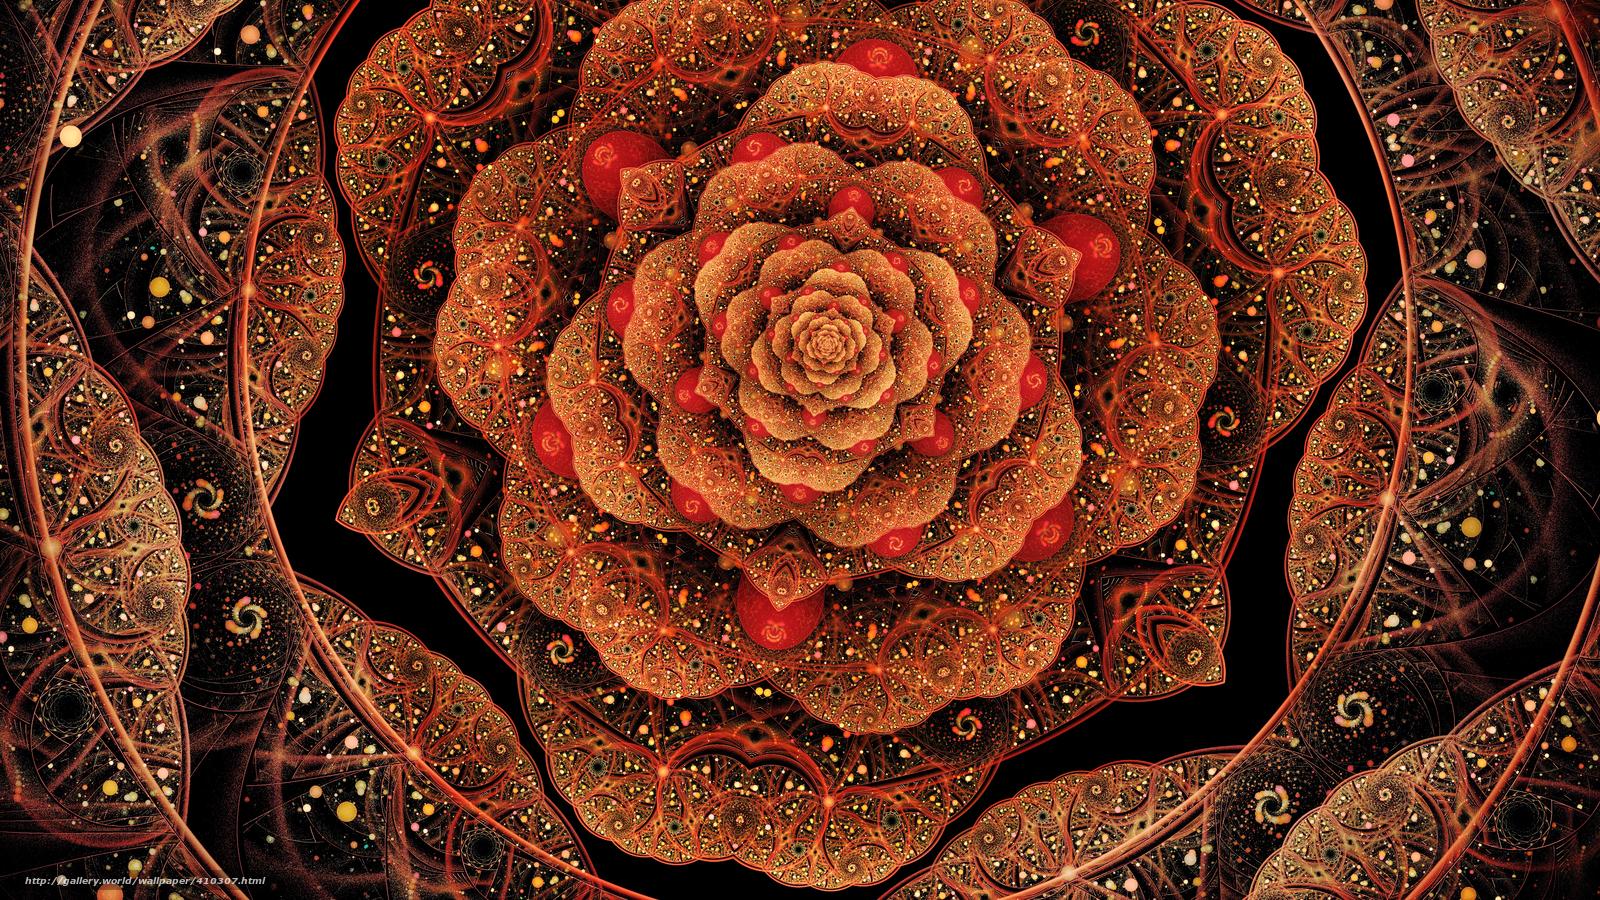 fractal wallpapers for desktop